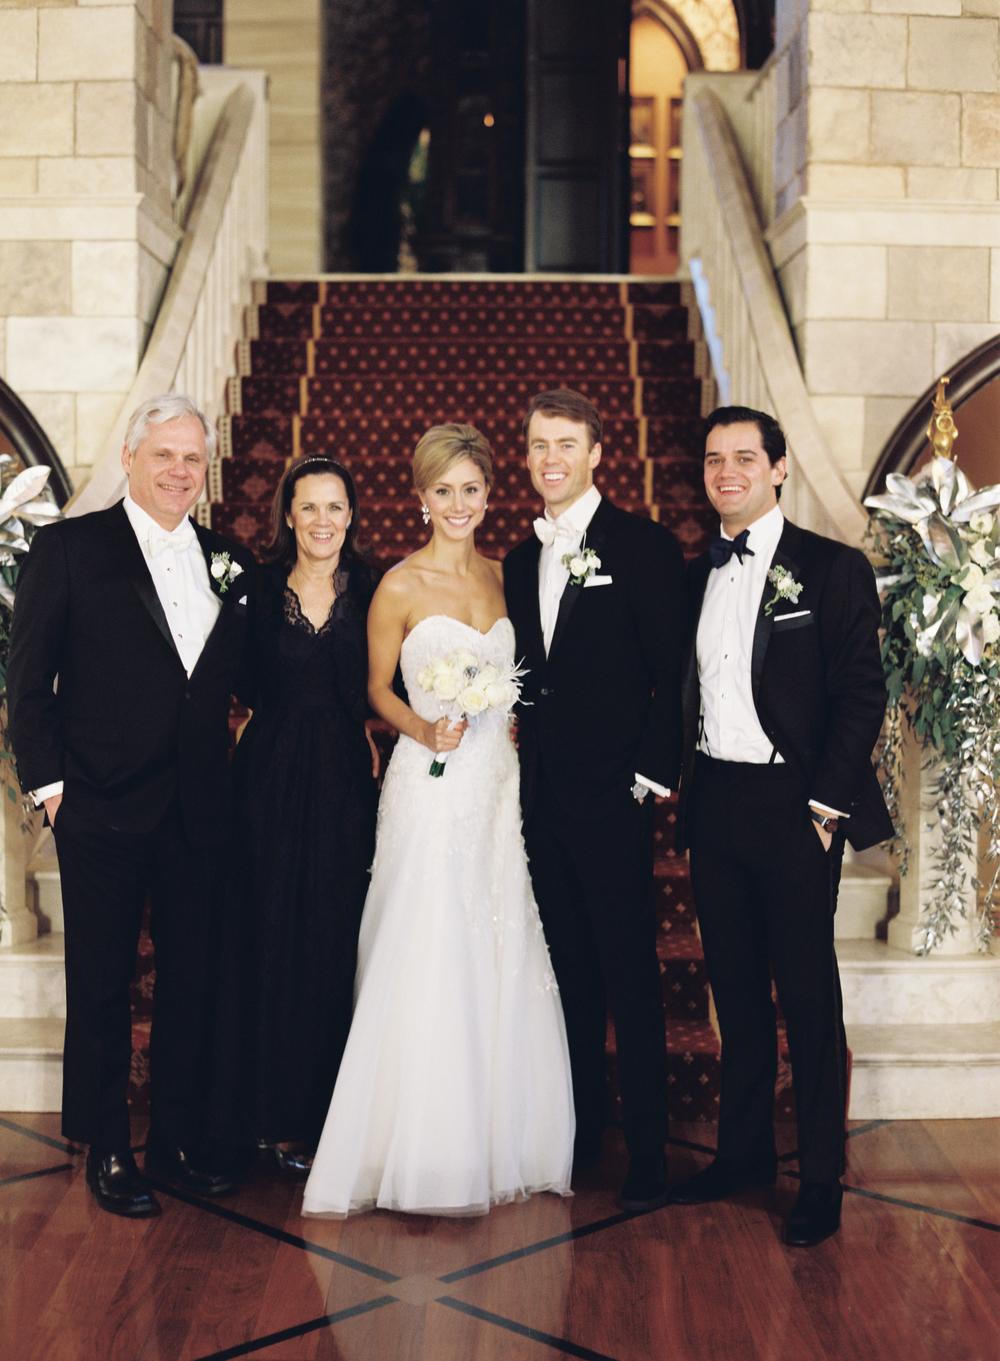 Squires-Saunders_Wedding-5074.jpg